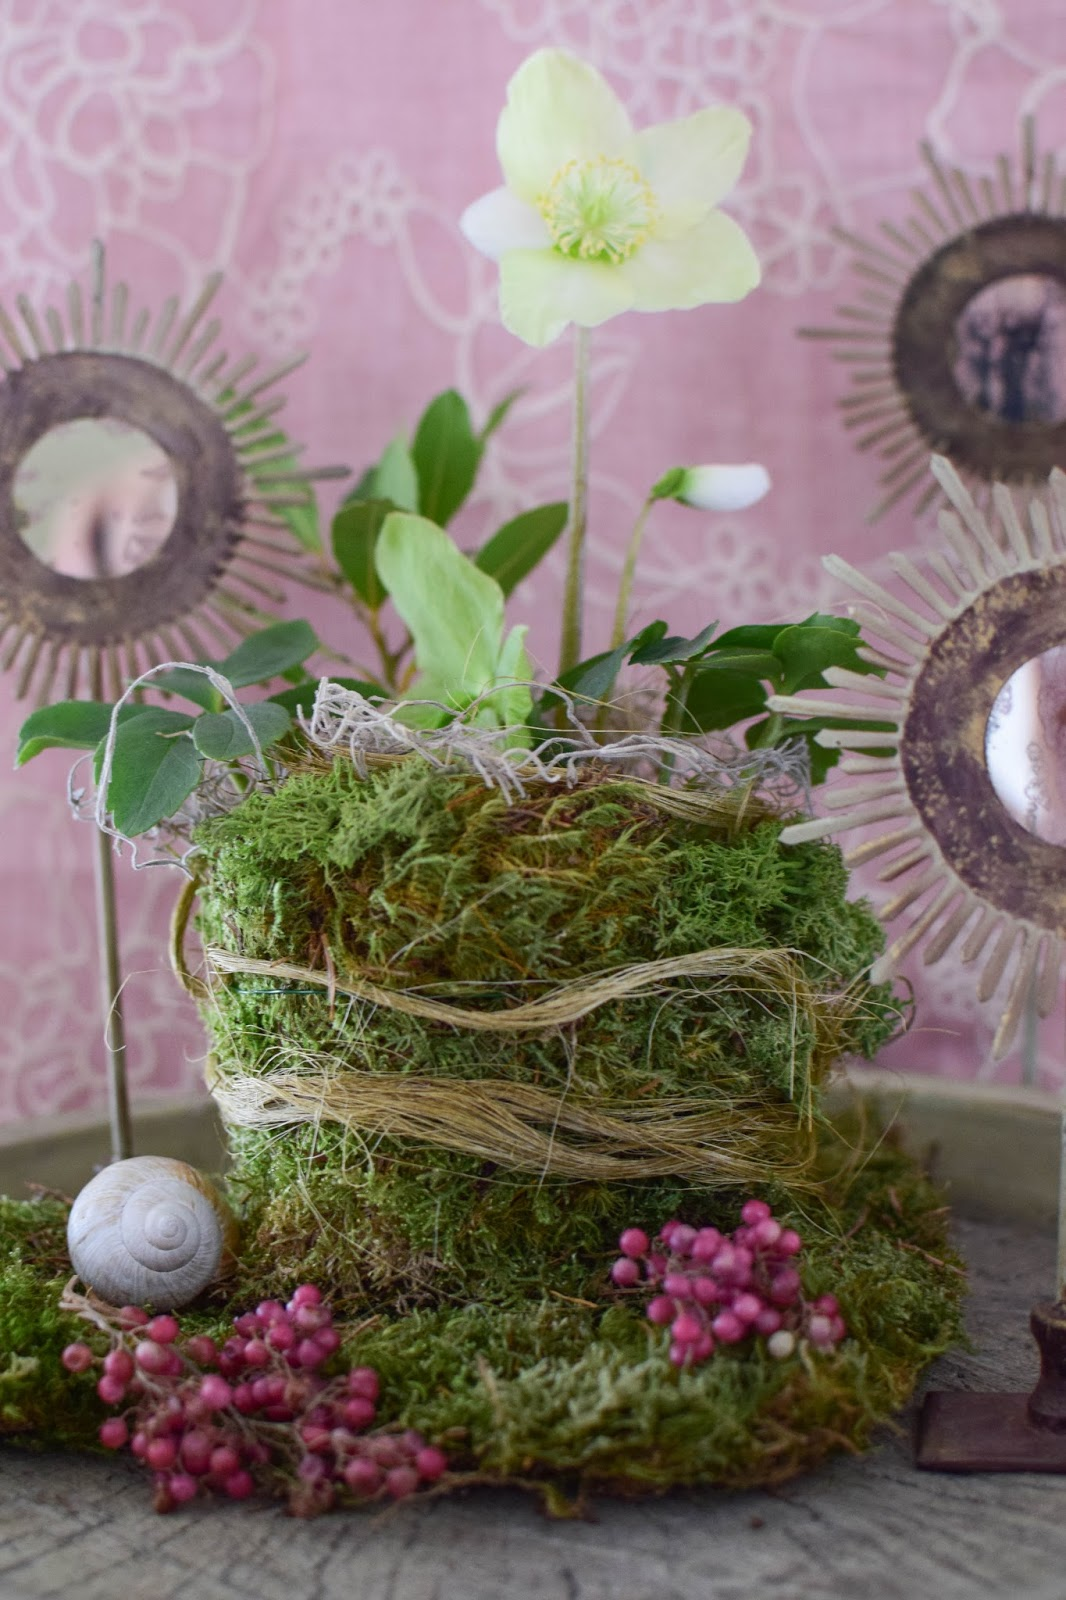 DIY Deko mit Christrose und Moos für Frühling Frühjahr Pastelldeko Dekoration für Sideboard in pastell. Natürlich dekorieren